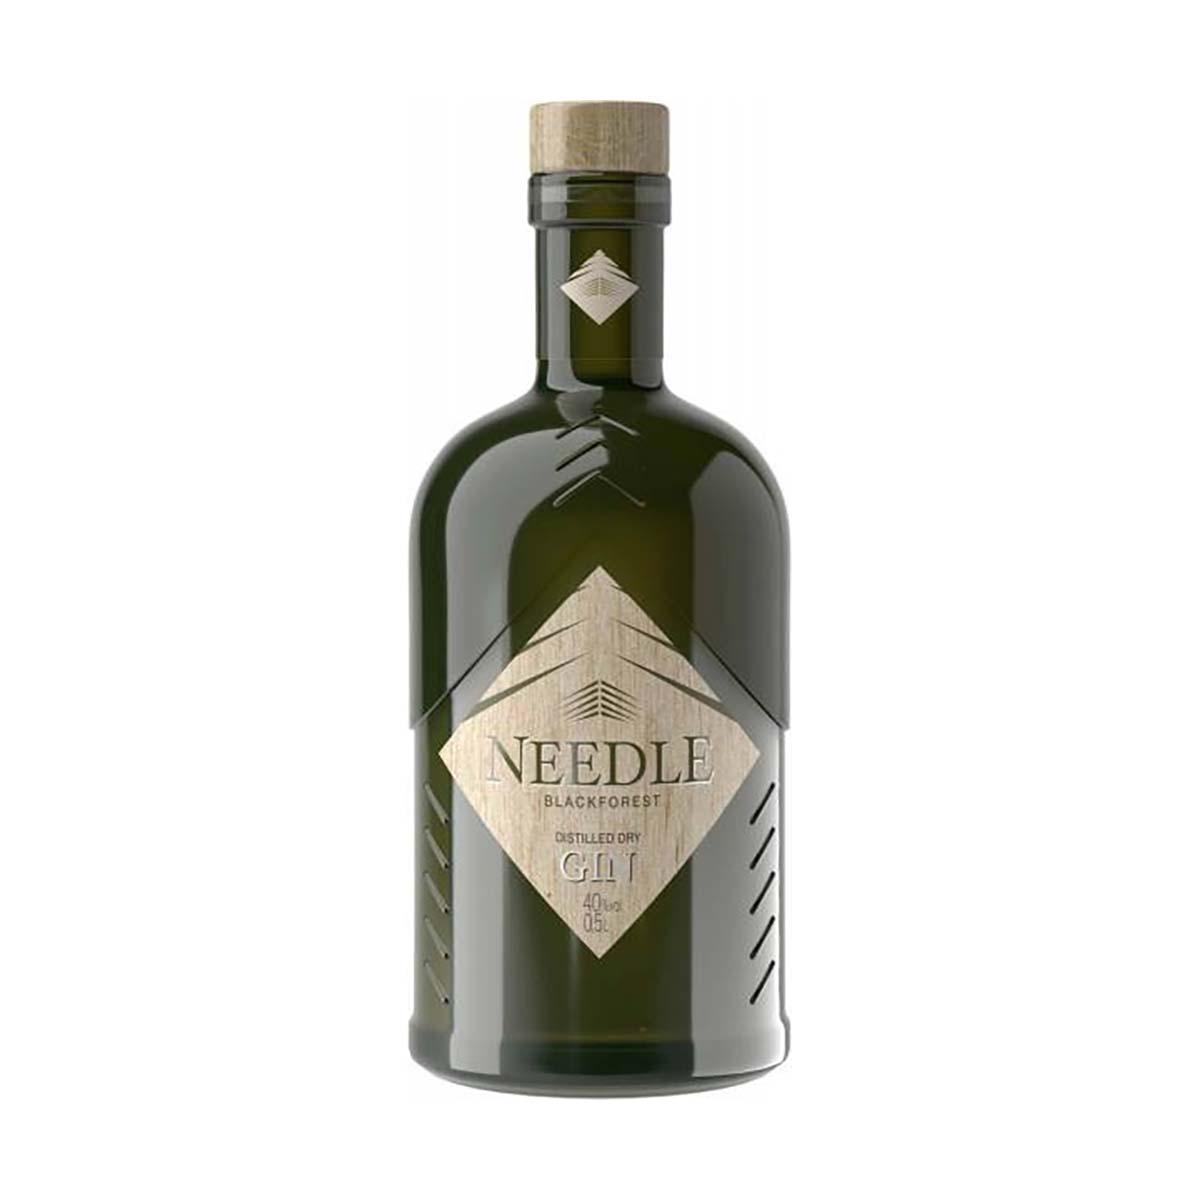 Needle Blackforest Gin